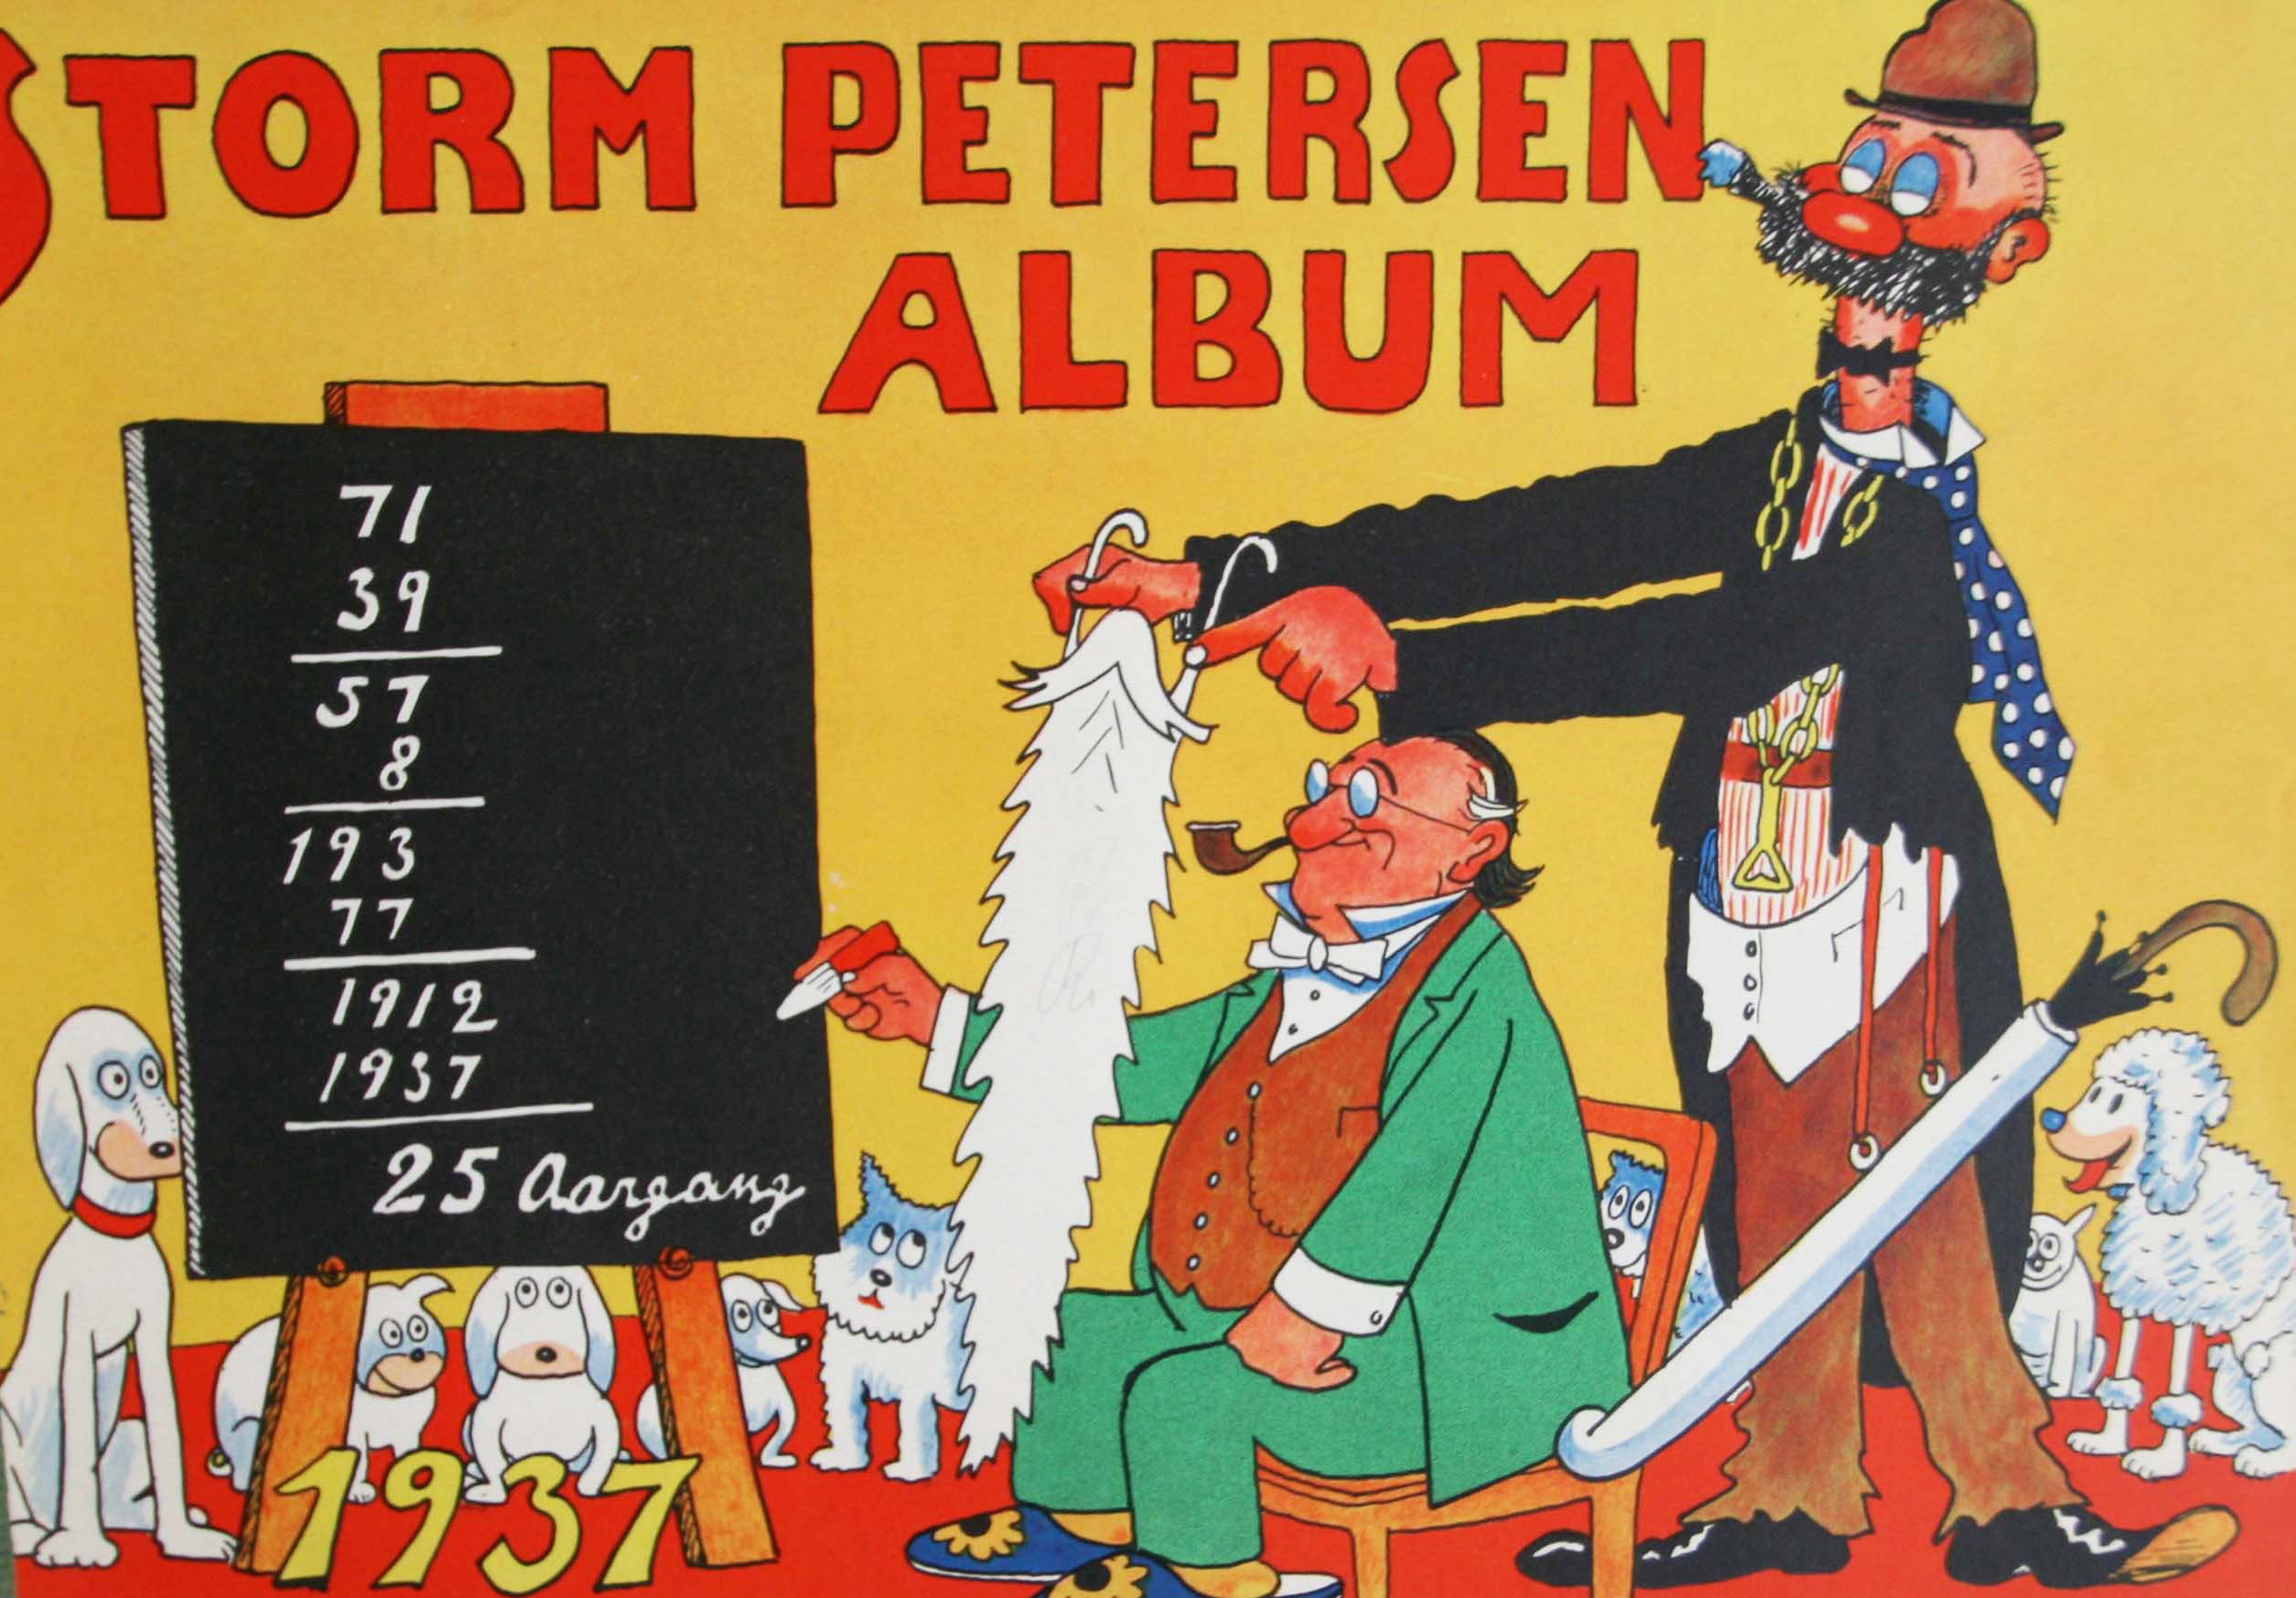 Robert Storm Petersen Storm P. Album 1937